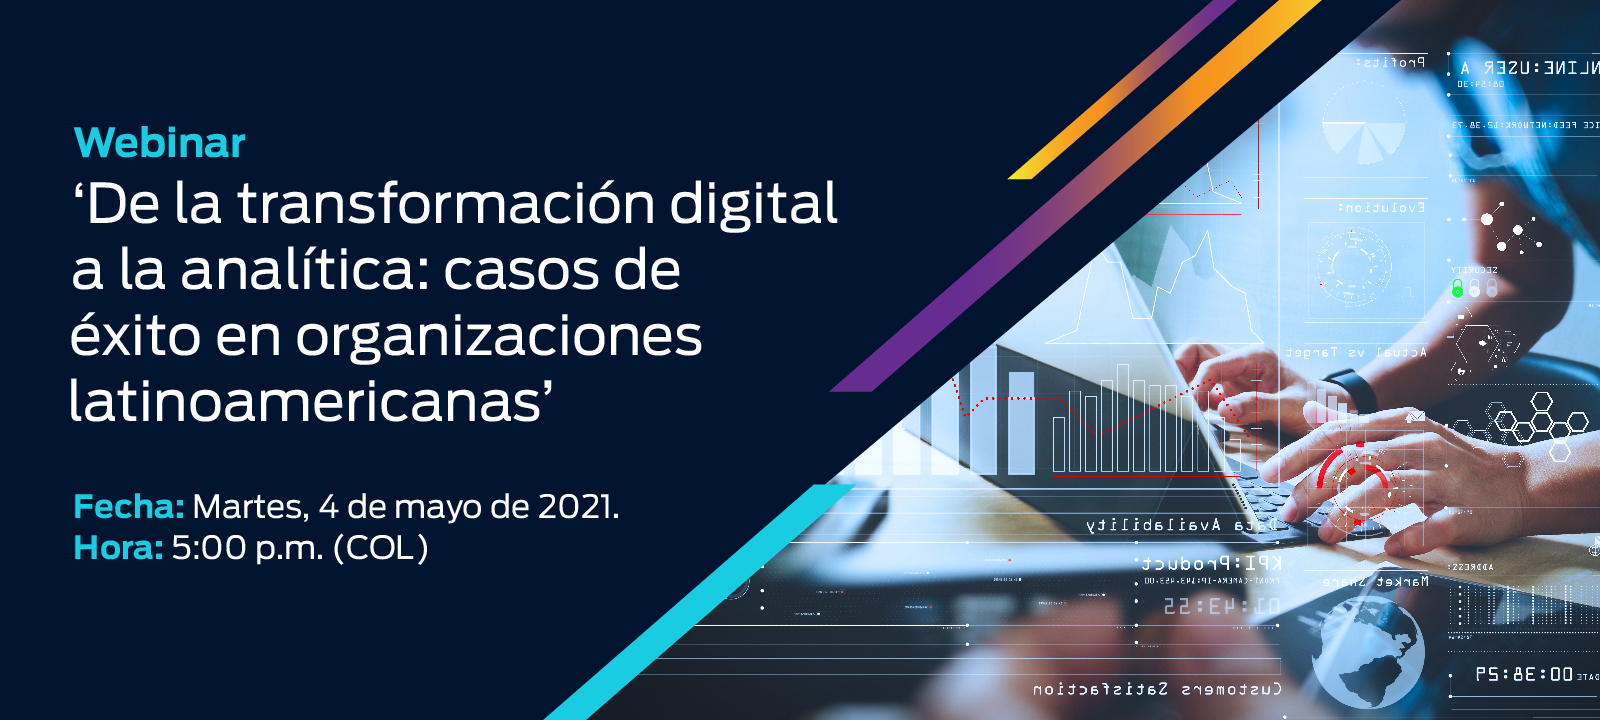 Webinar: 'De la transformación digital a la analítica: casos de éxito en organizaciones latinoamericanas'